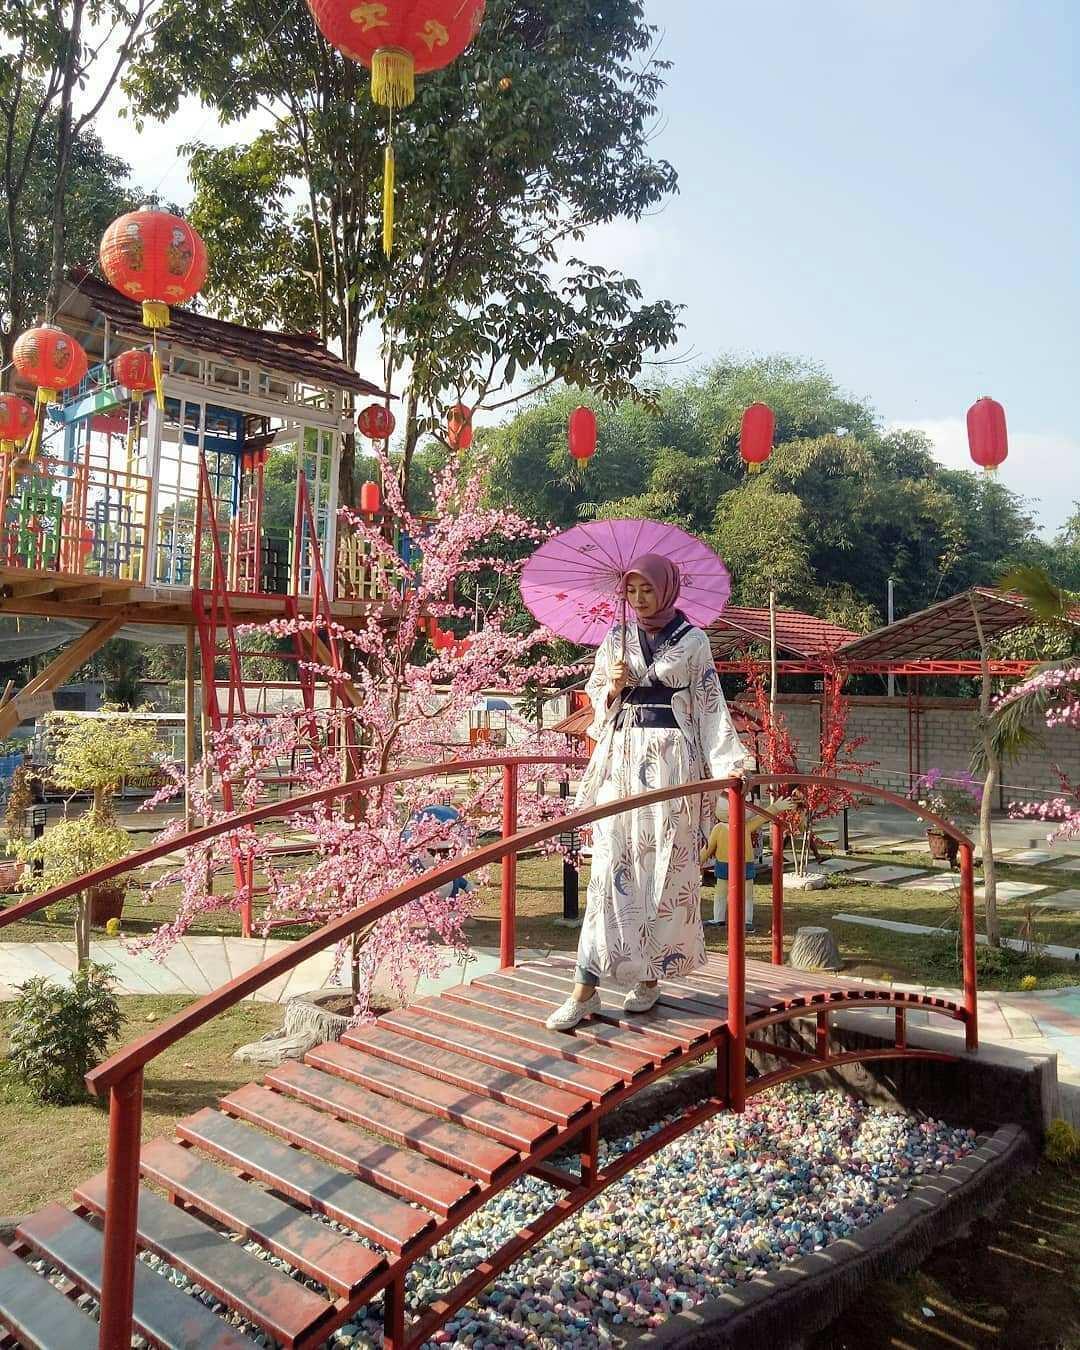 Spot Foto Jembatan Yang Ada di Istana Sakura Blitar Image From @derebil